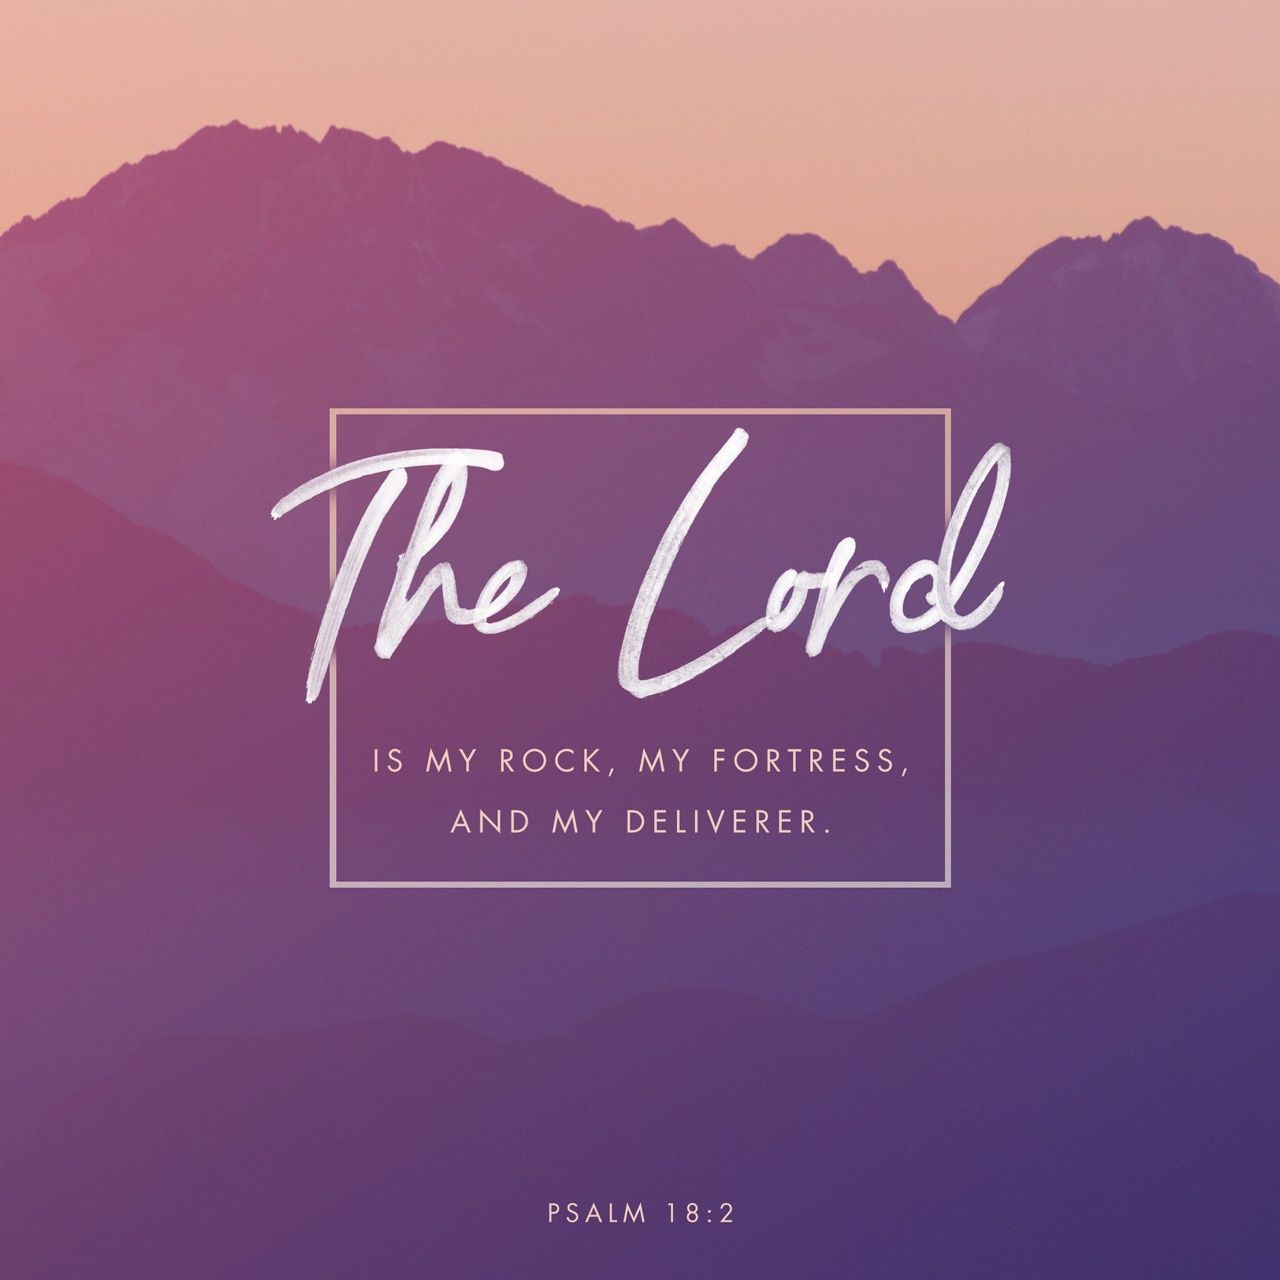 Psalms 18:2